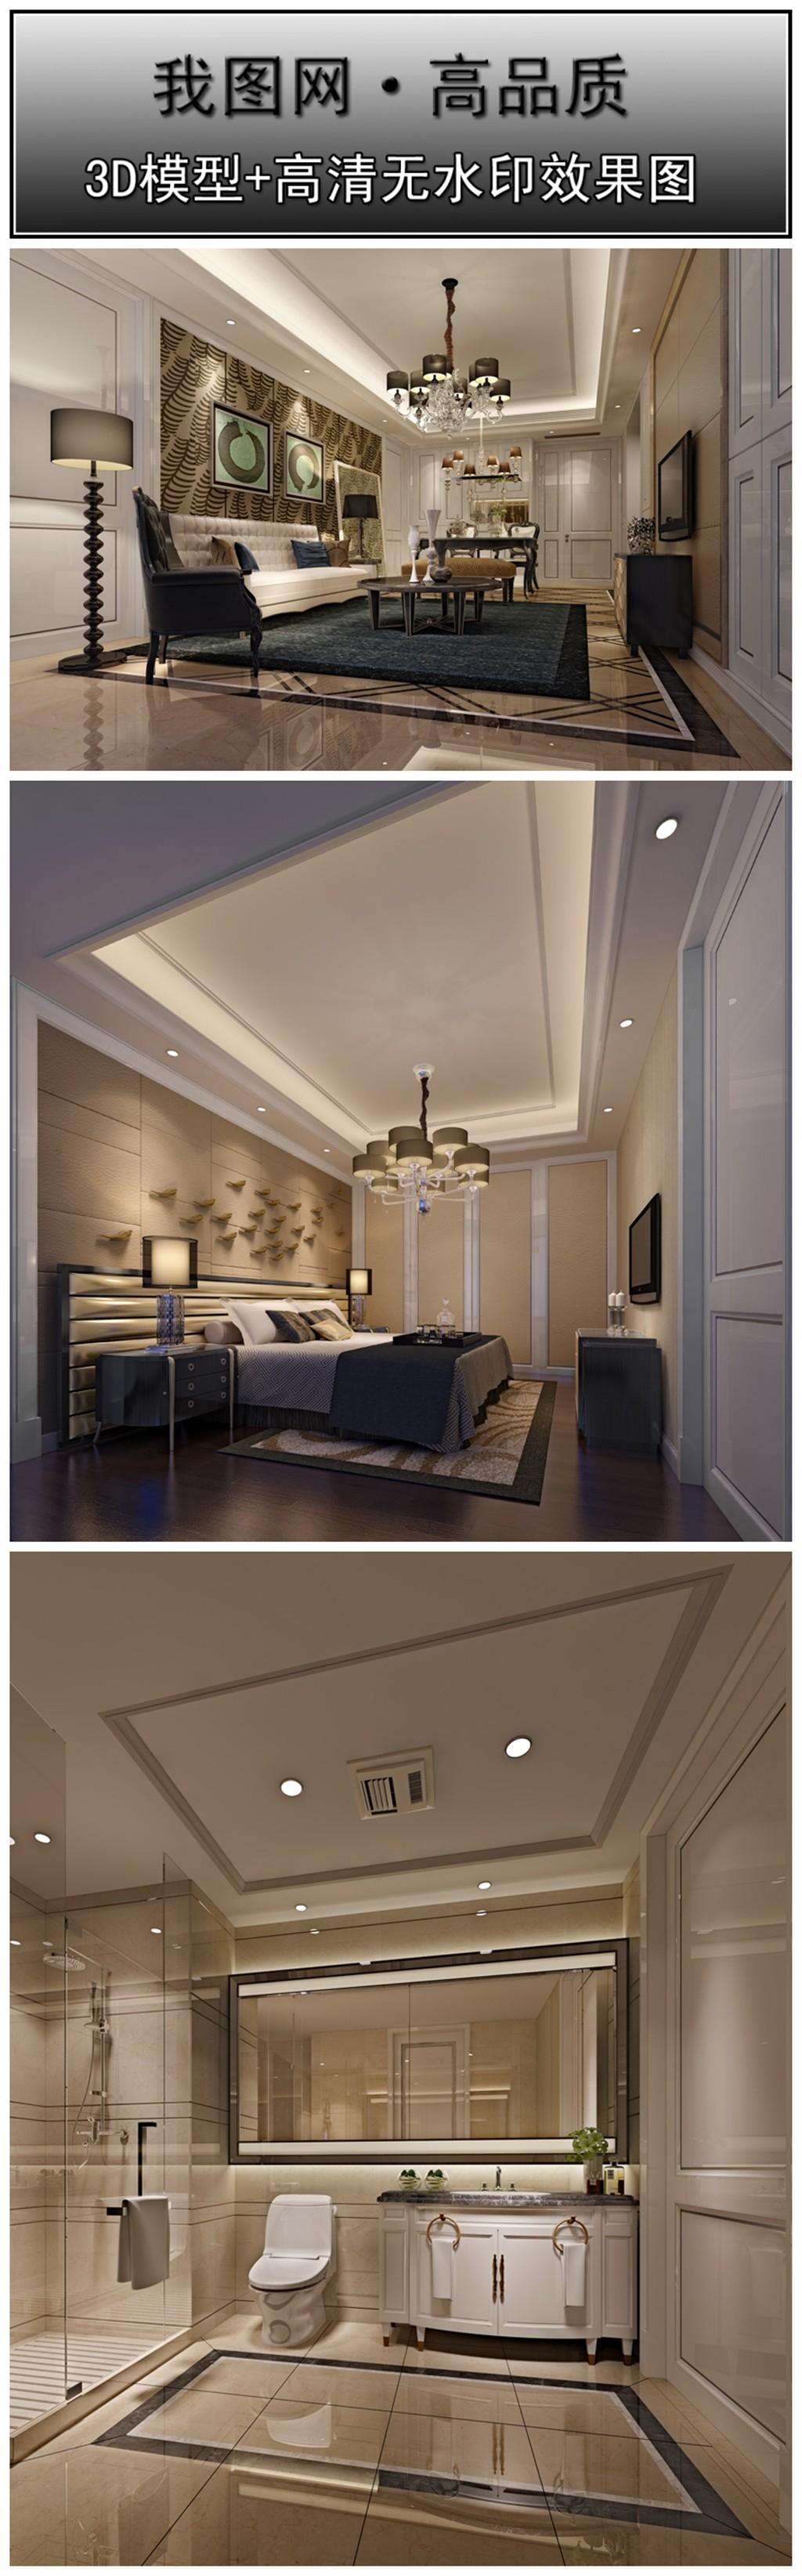 一套现代简约欧式家装设计3d模型